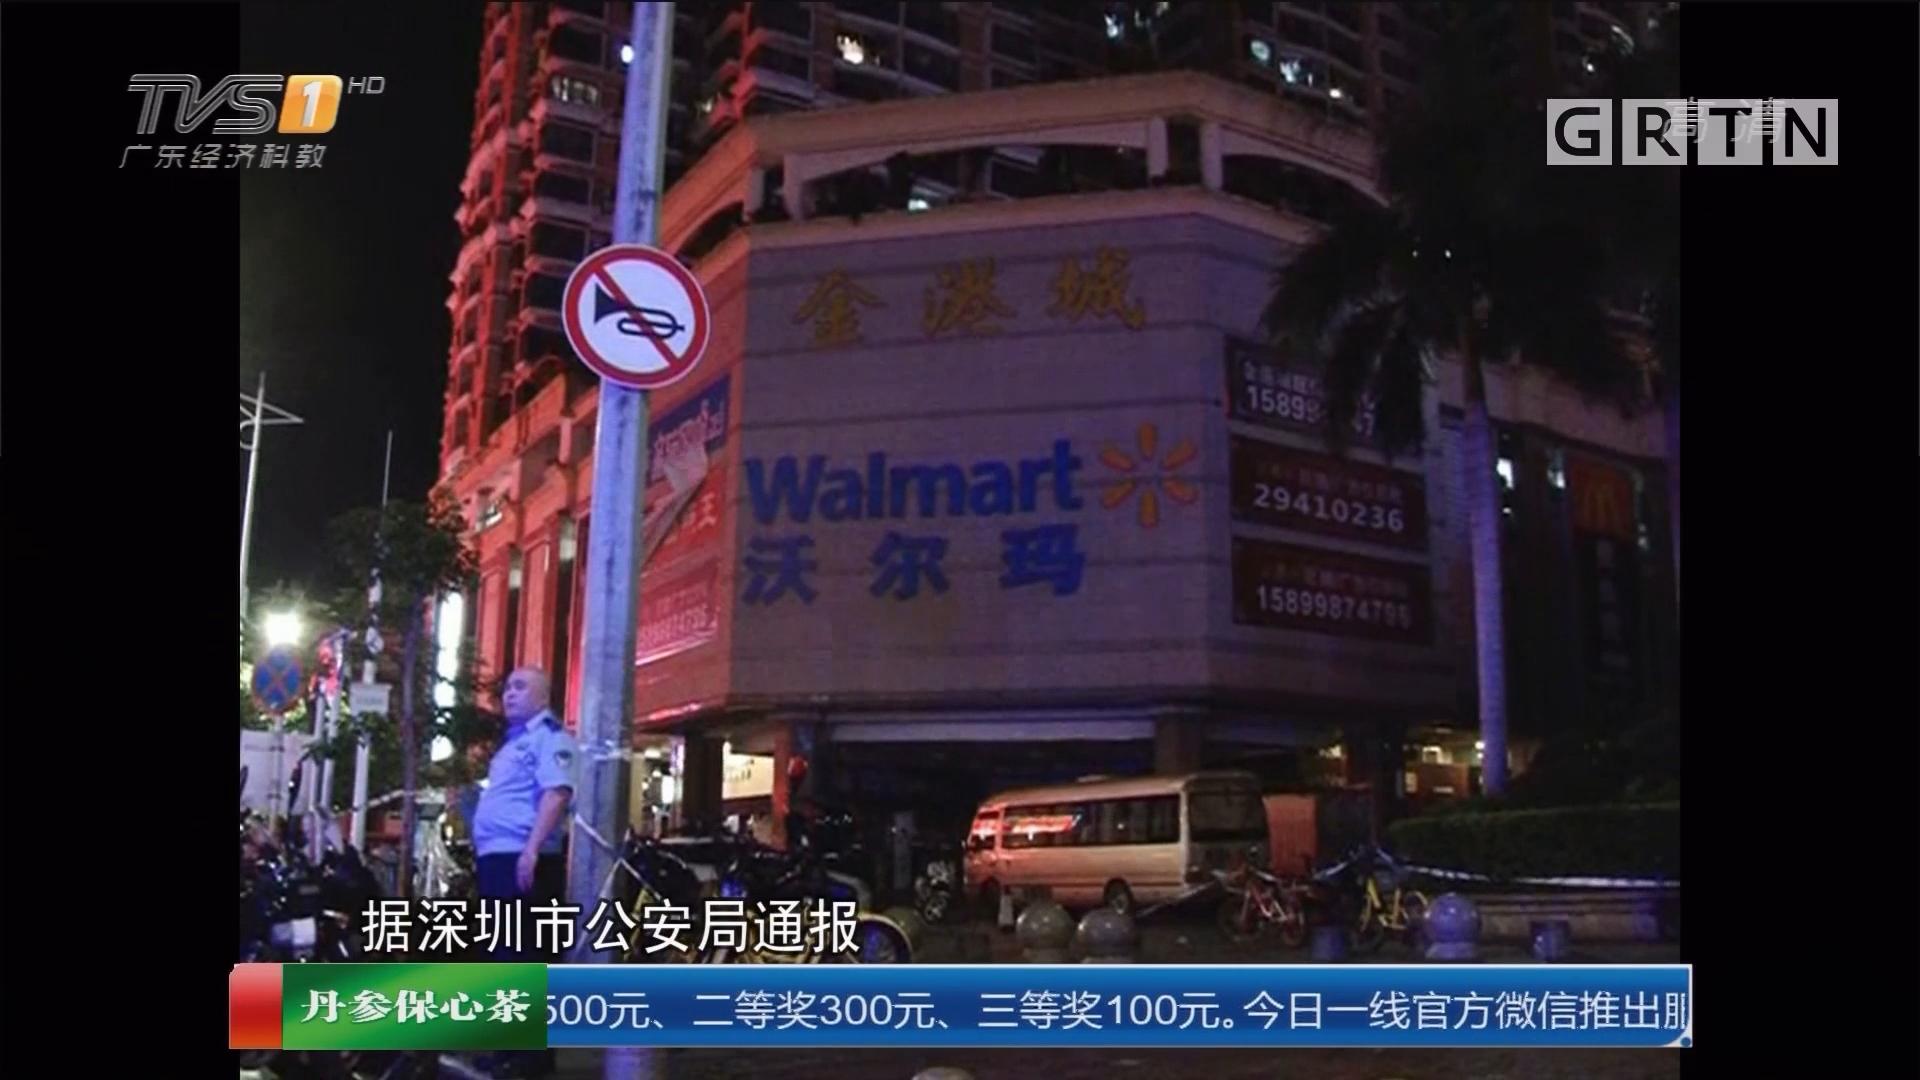 深圳警方通报:超市伤人案致2死9伤 嫌犯被抓获